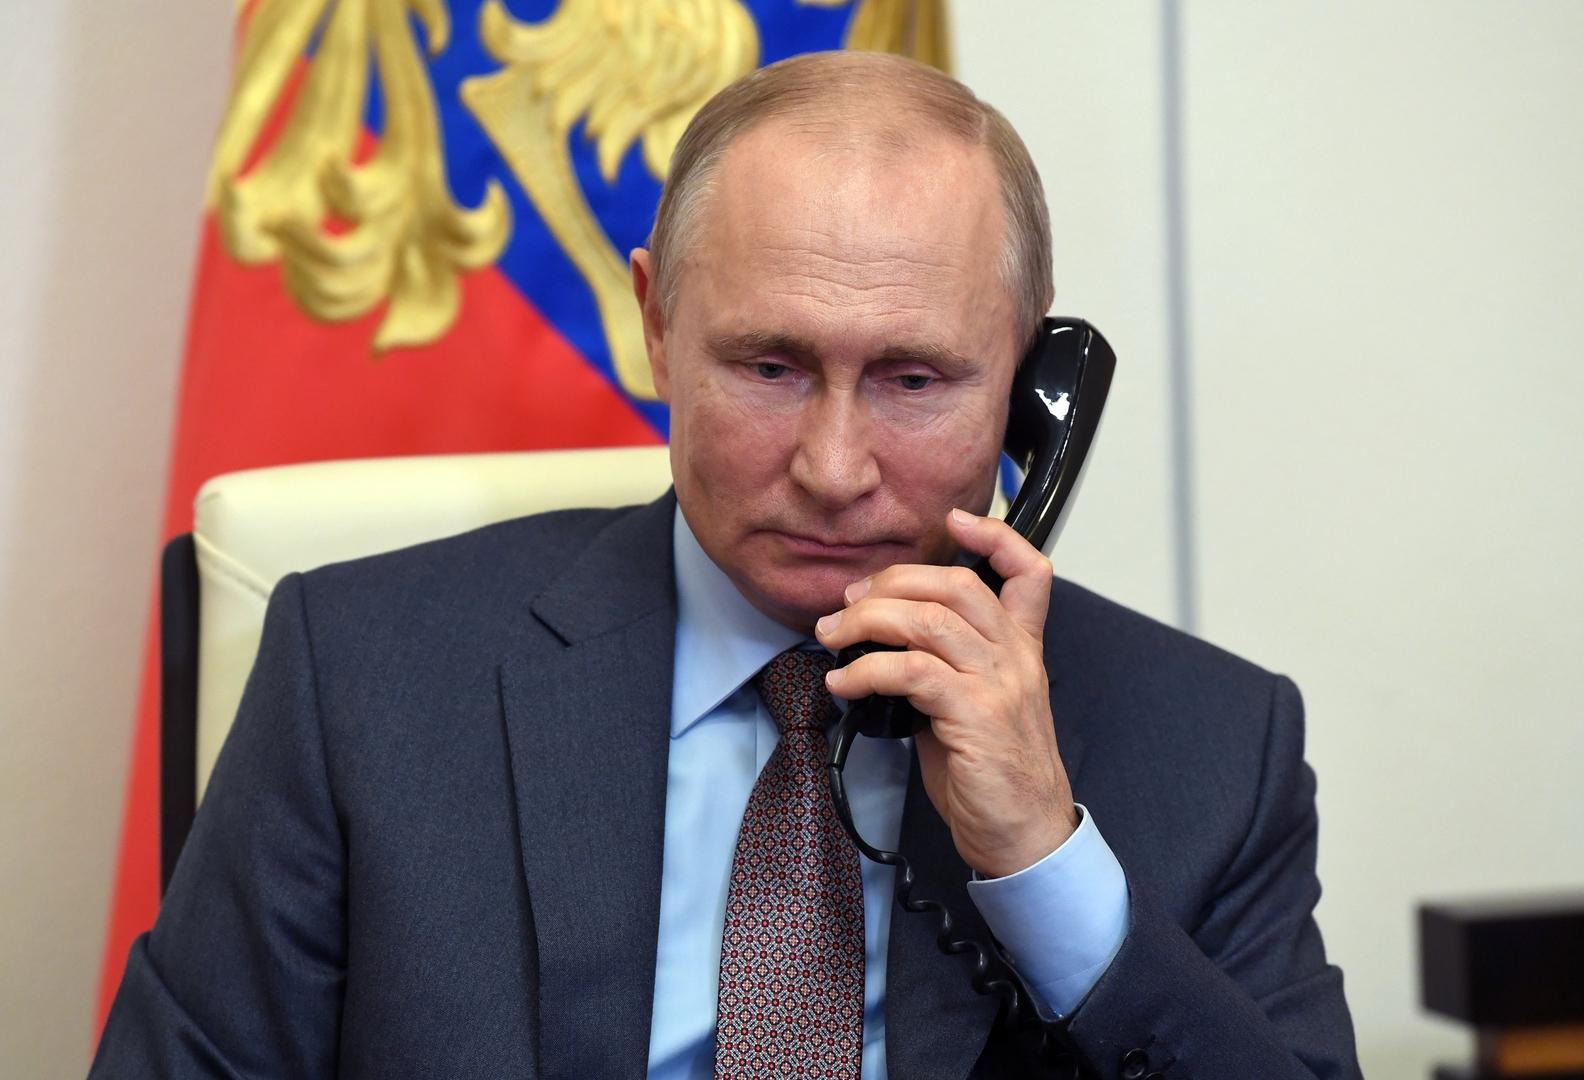 بوتين يبحث مع رئيس المجلس الأوروبي قضية نافالني